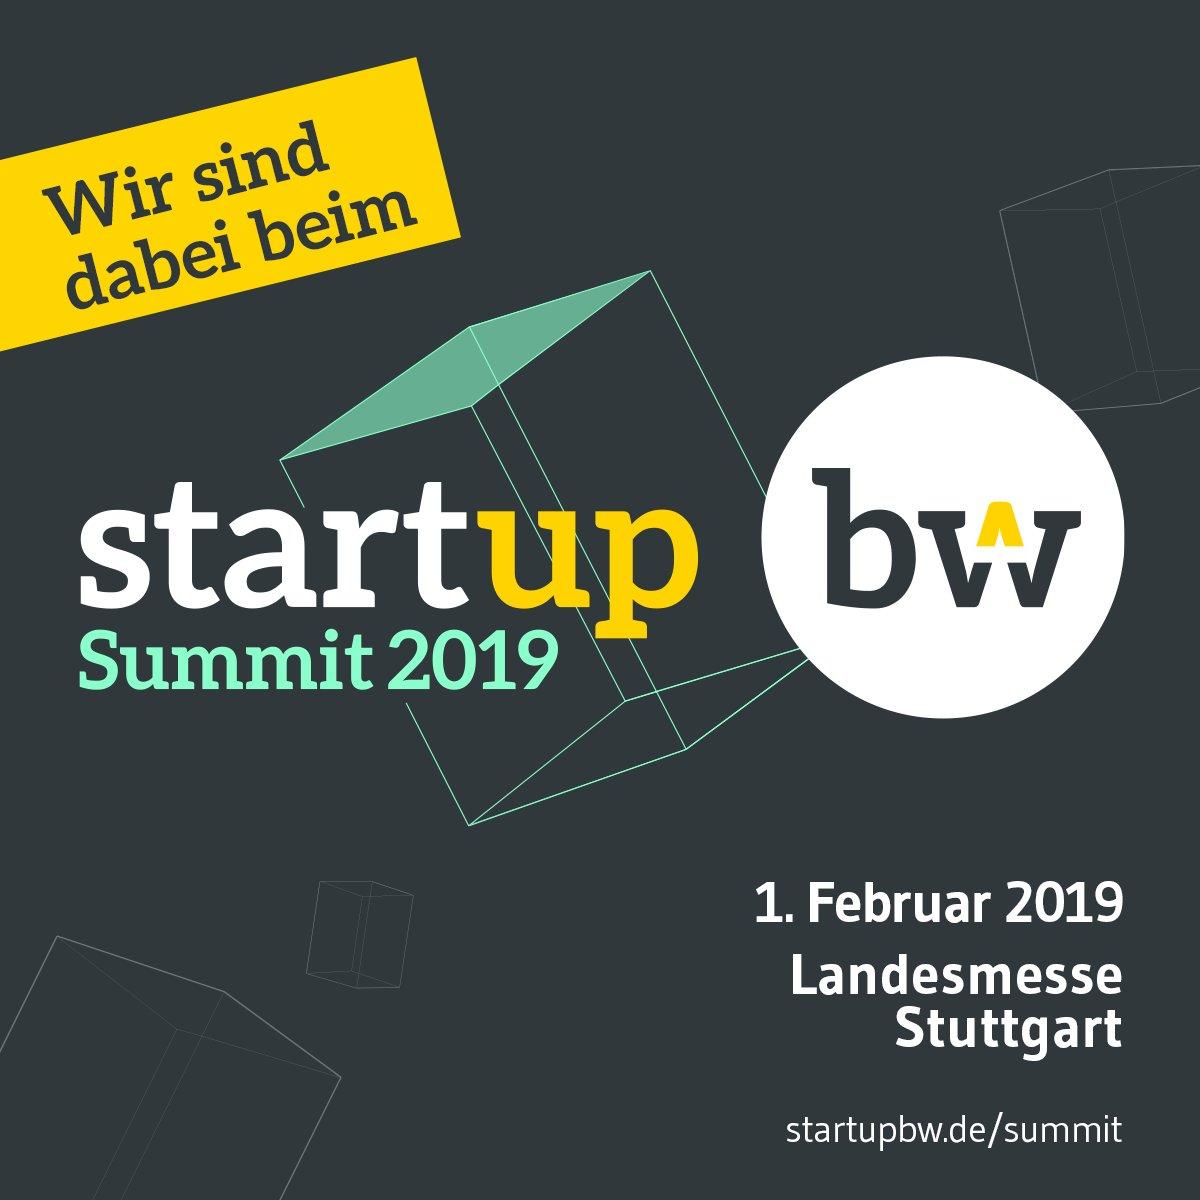 Nicht verpassen! Sie haben die Möglichkeit uns auf dem @Startup_BW Summit diesen Freitag in Stuttgart zu besuchen. Wir zeigen wie man mithilfe von #digitalem Shopfloor Management Probleme in der #Produktion effektiver lösen kann. @Messe_Stuttgart